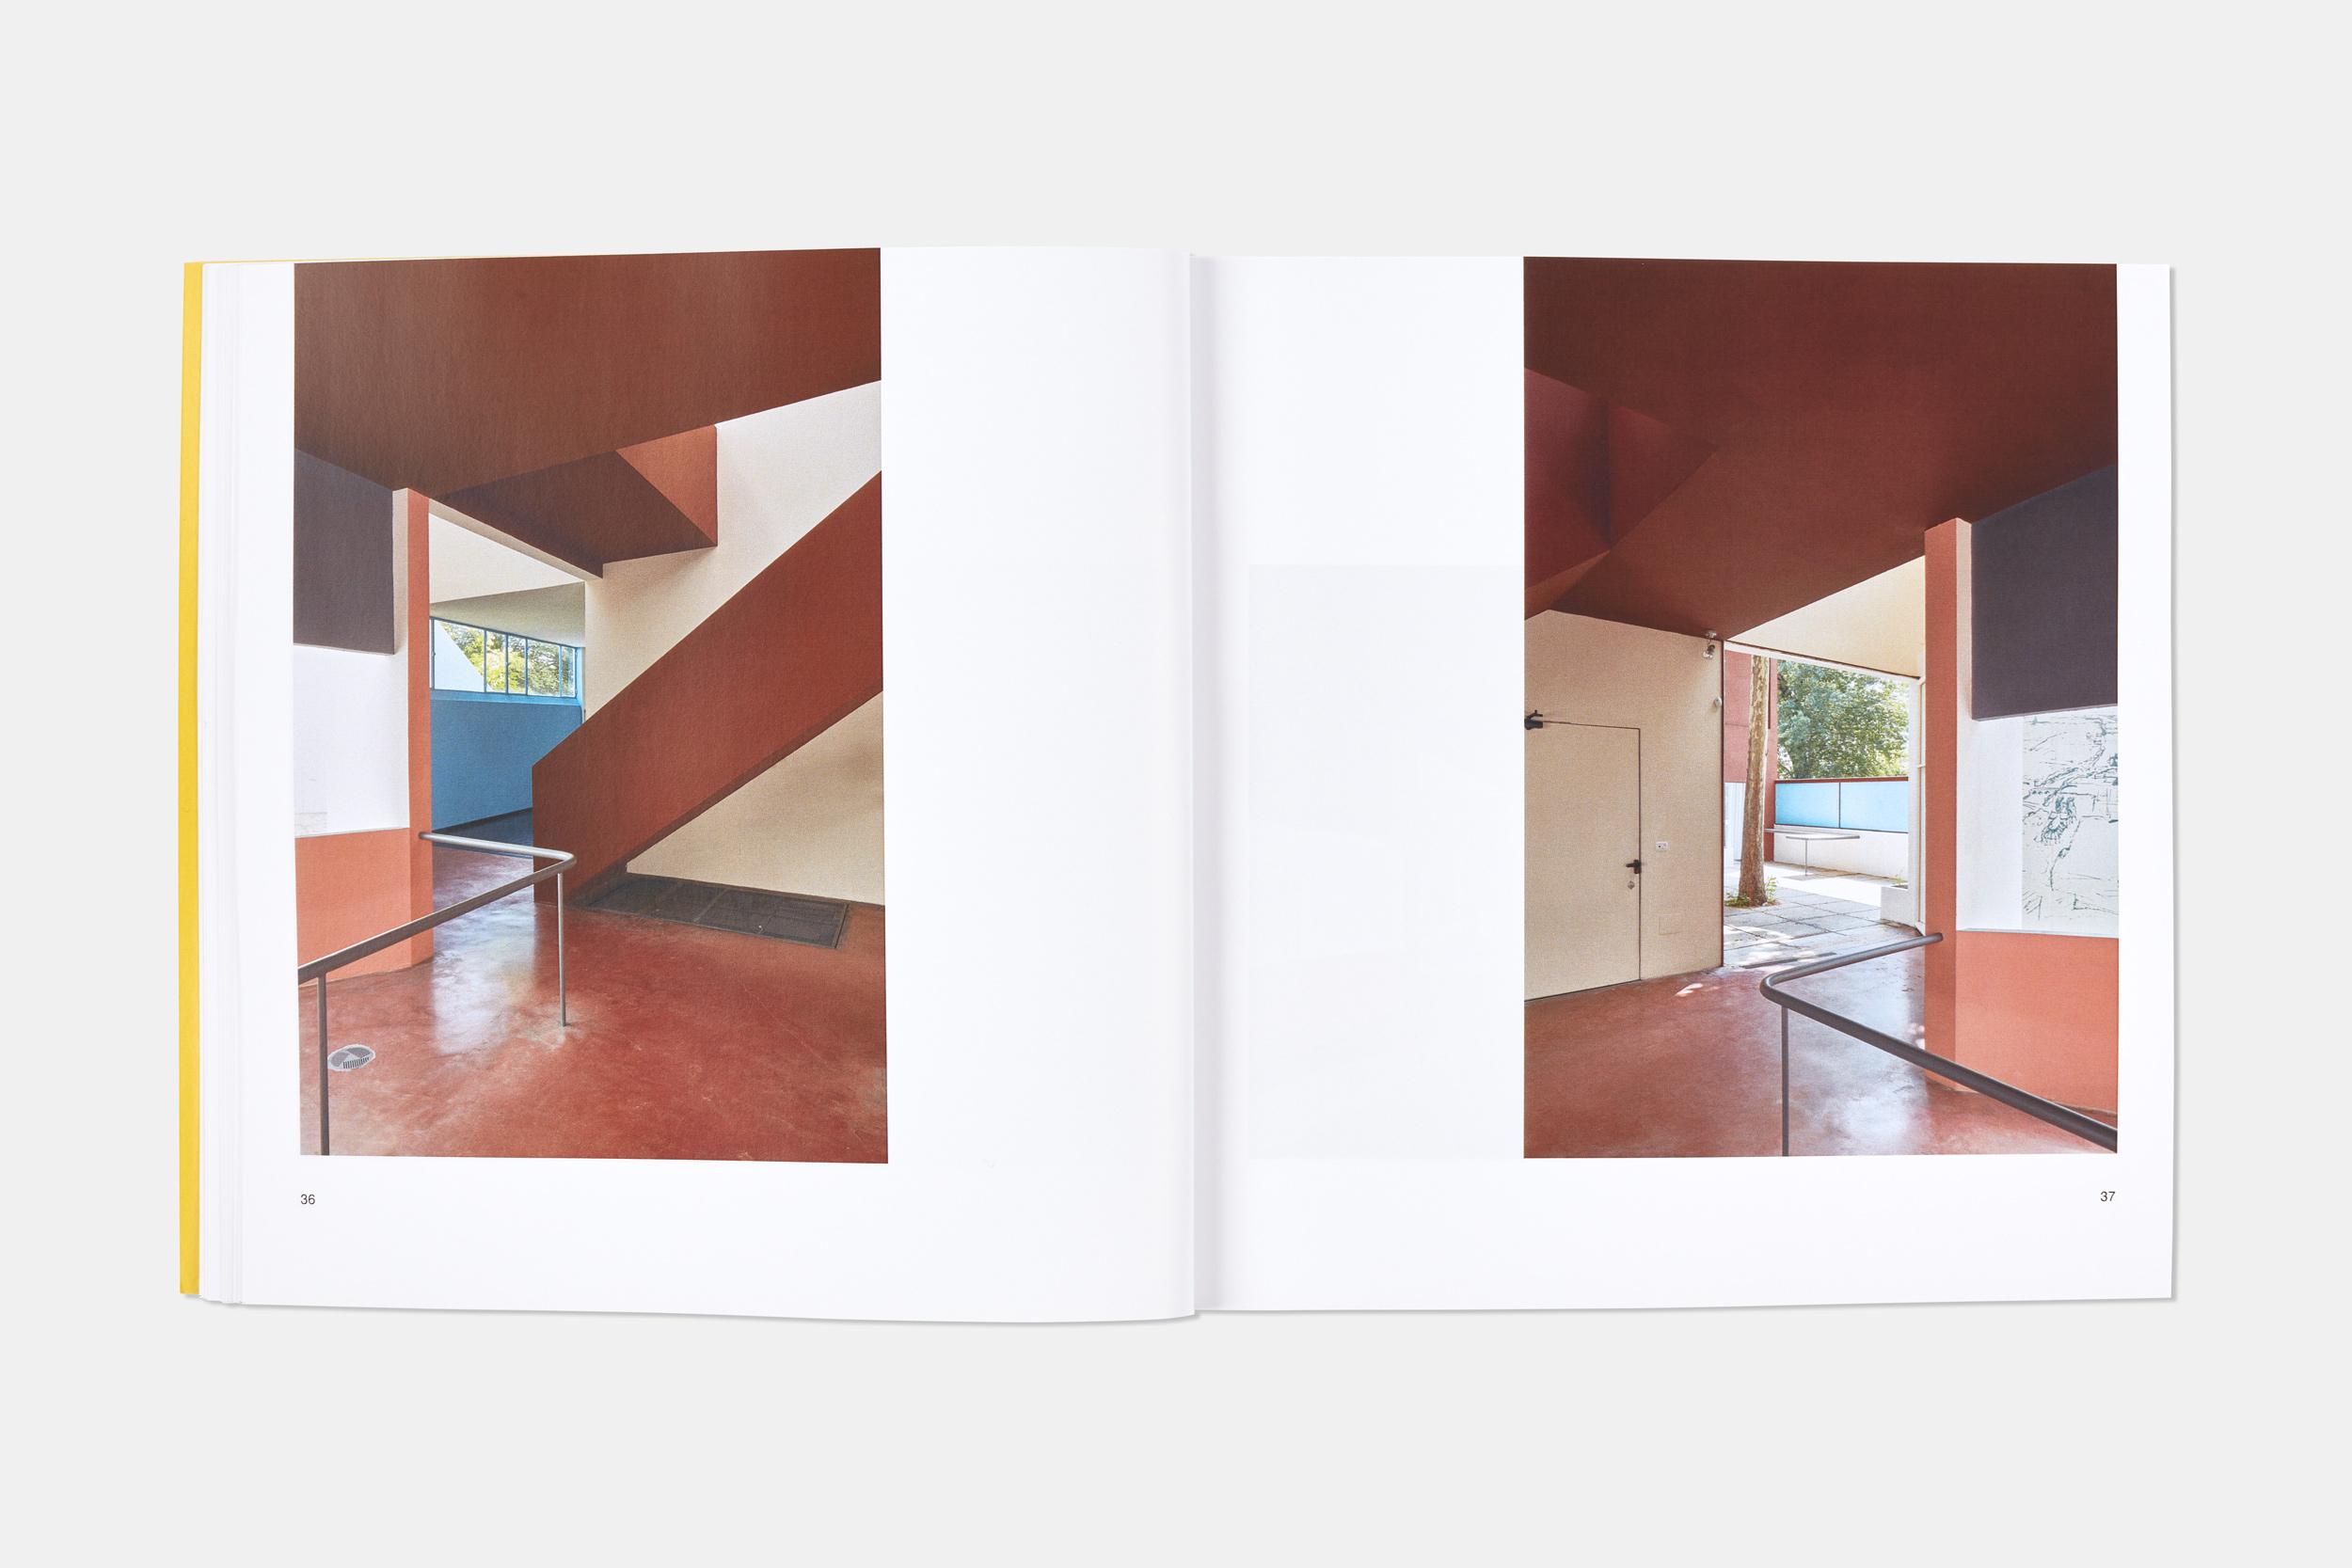 Federico_Covre_Le_Corbusier_Phoenix_Book_Esprit_Nouveau_2018_12